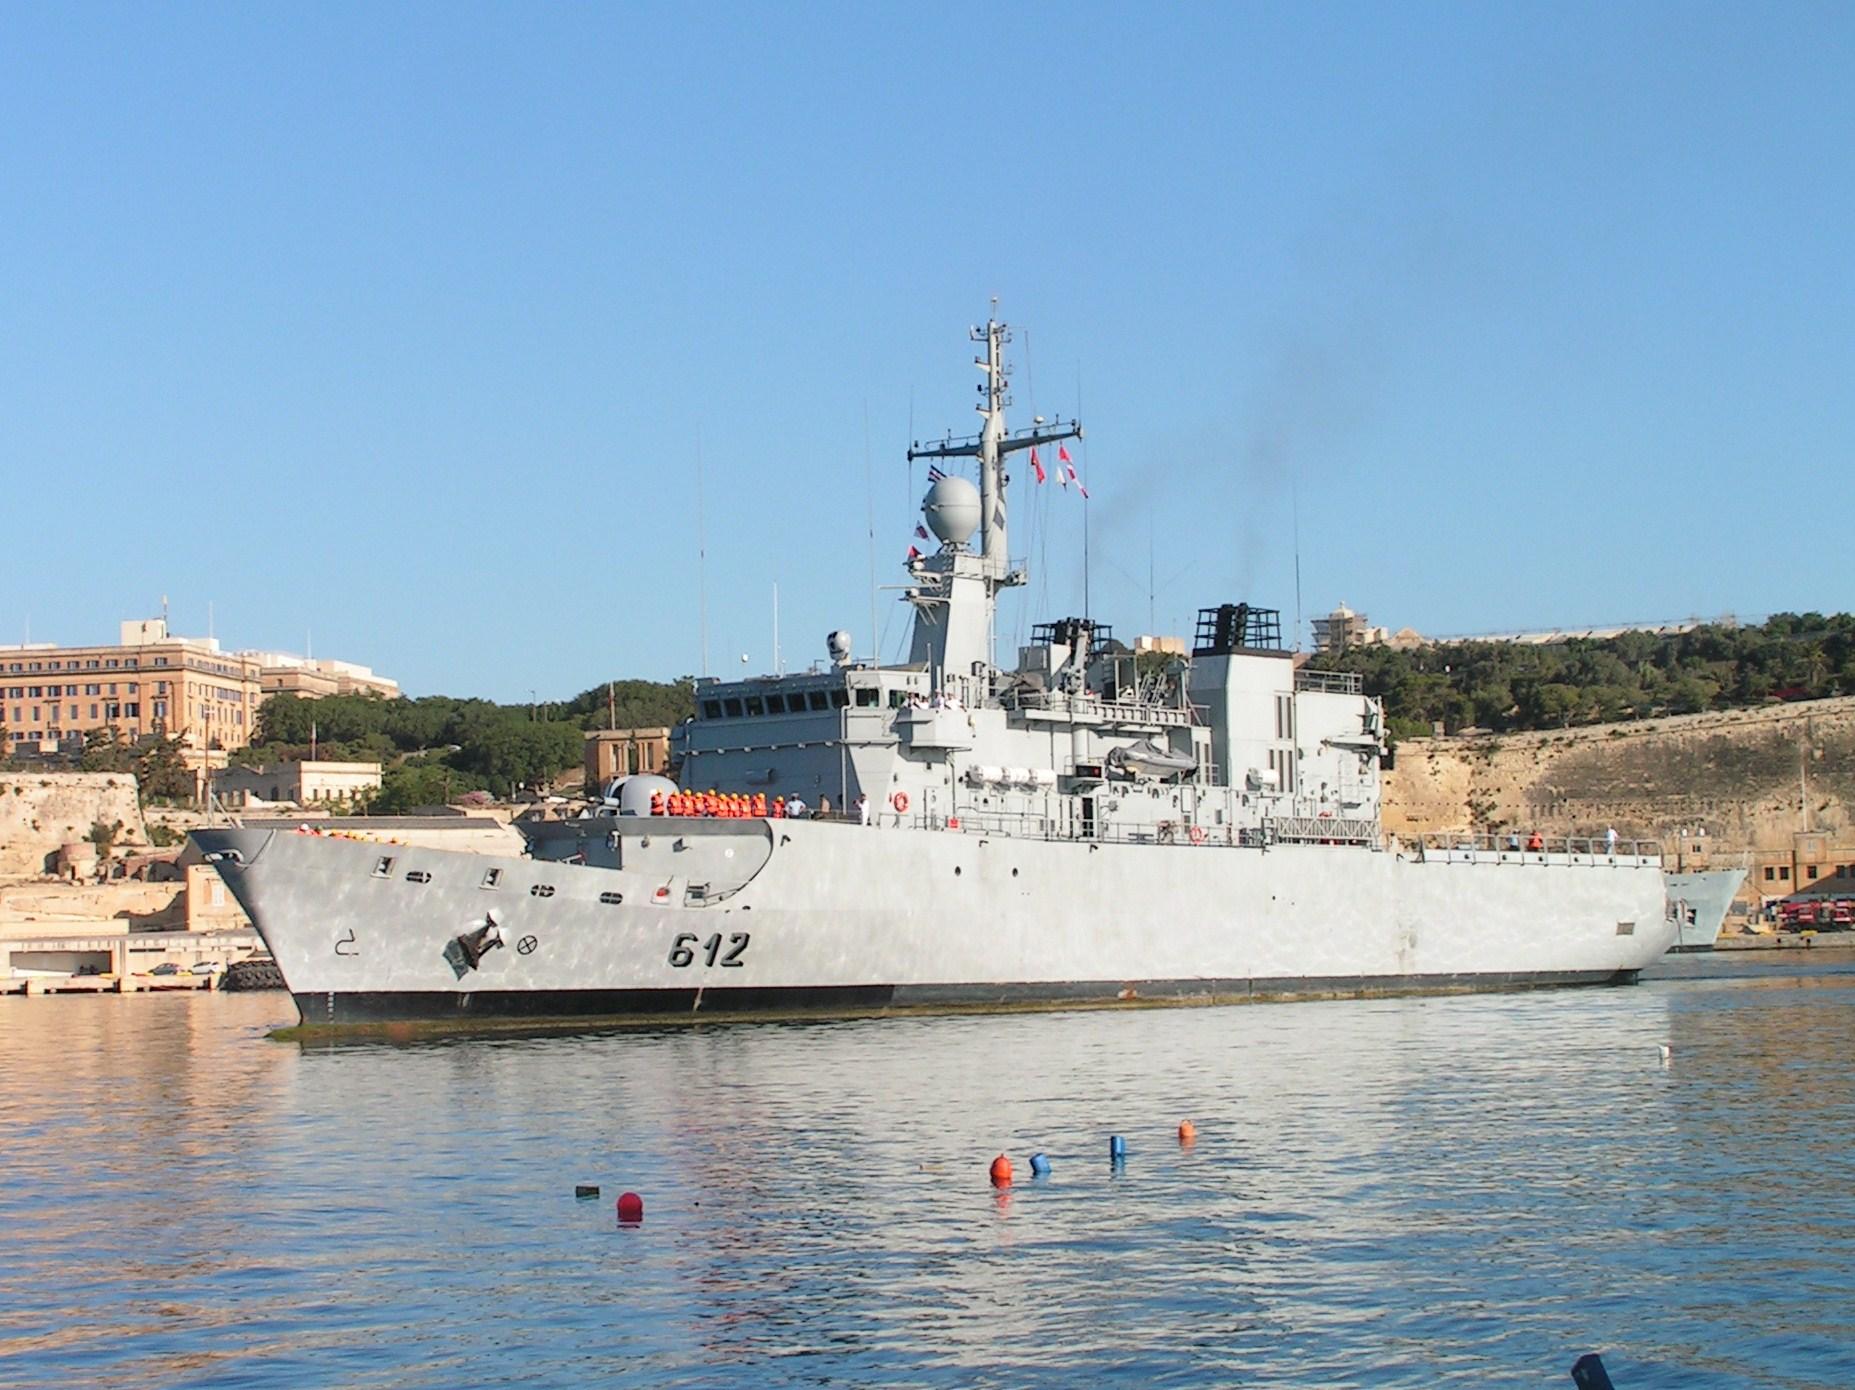 Royal Moroccan Navy Floréal Frigates / Frégates Floréal Marocaines - Page 10 14466600386_4c6fa110cc_o